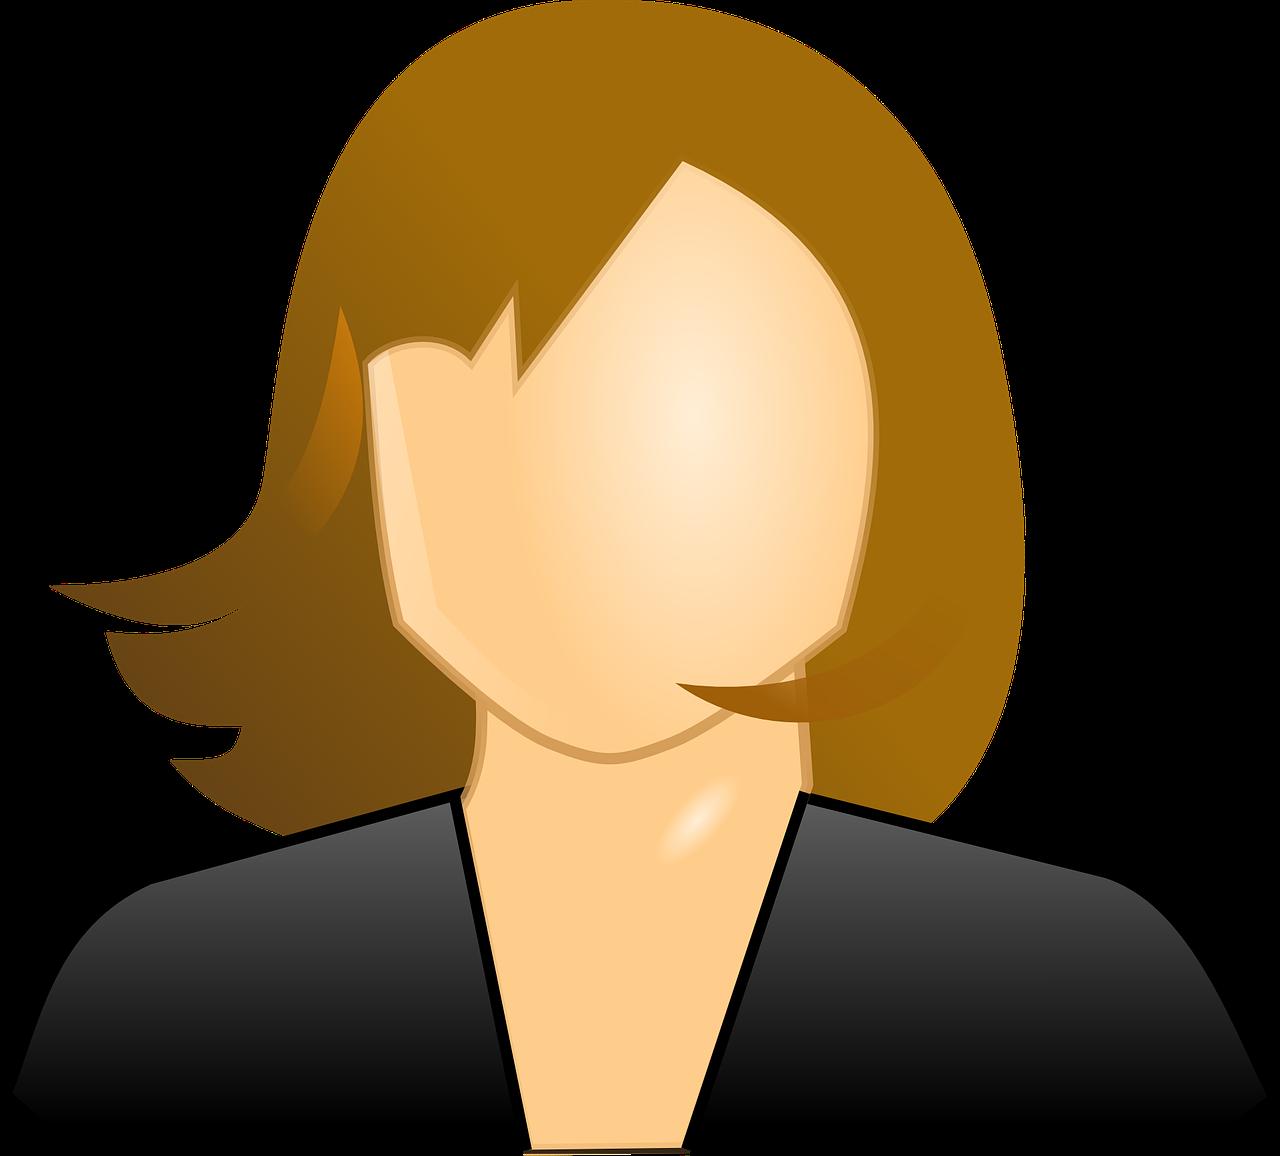 user, female, girl-297566.jpg